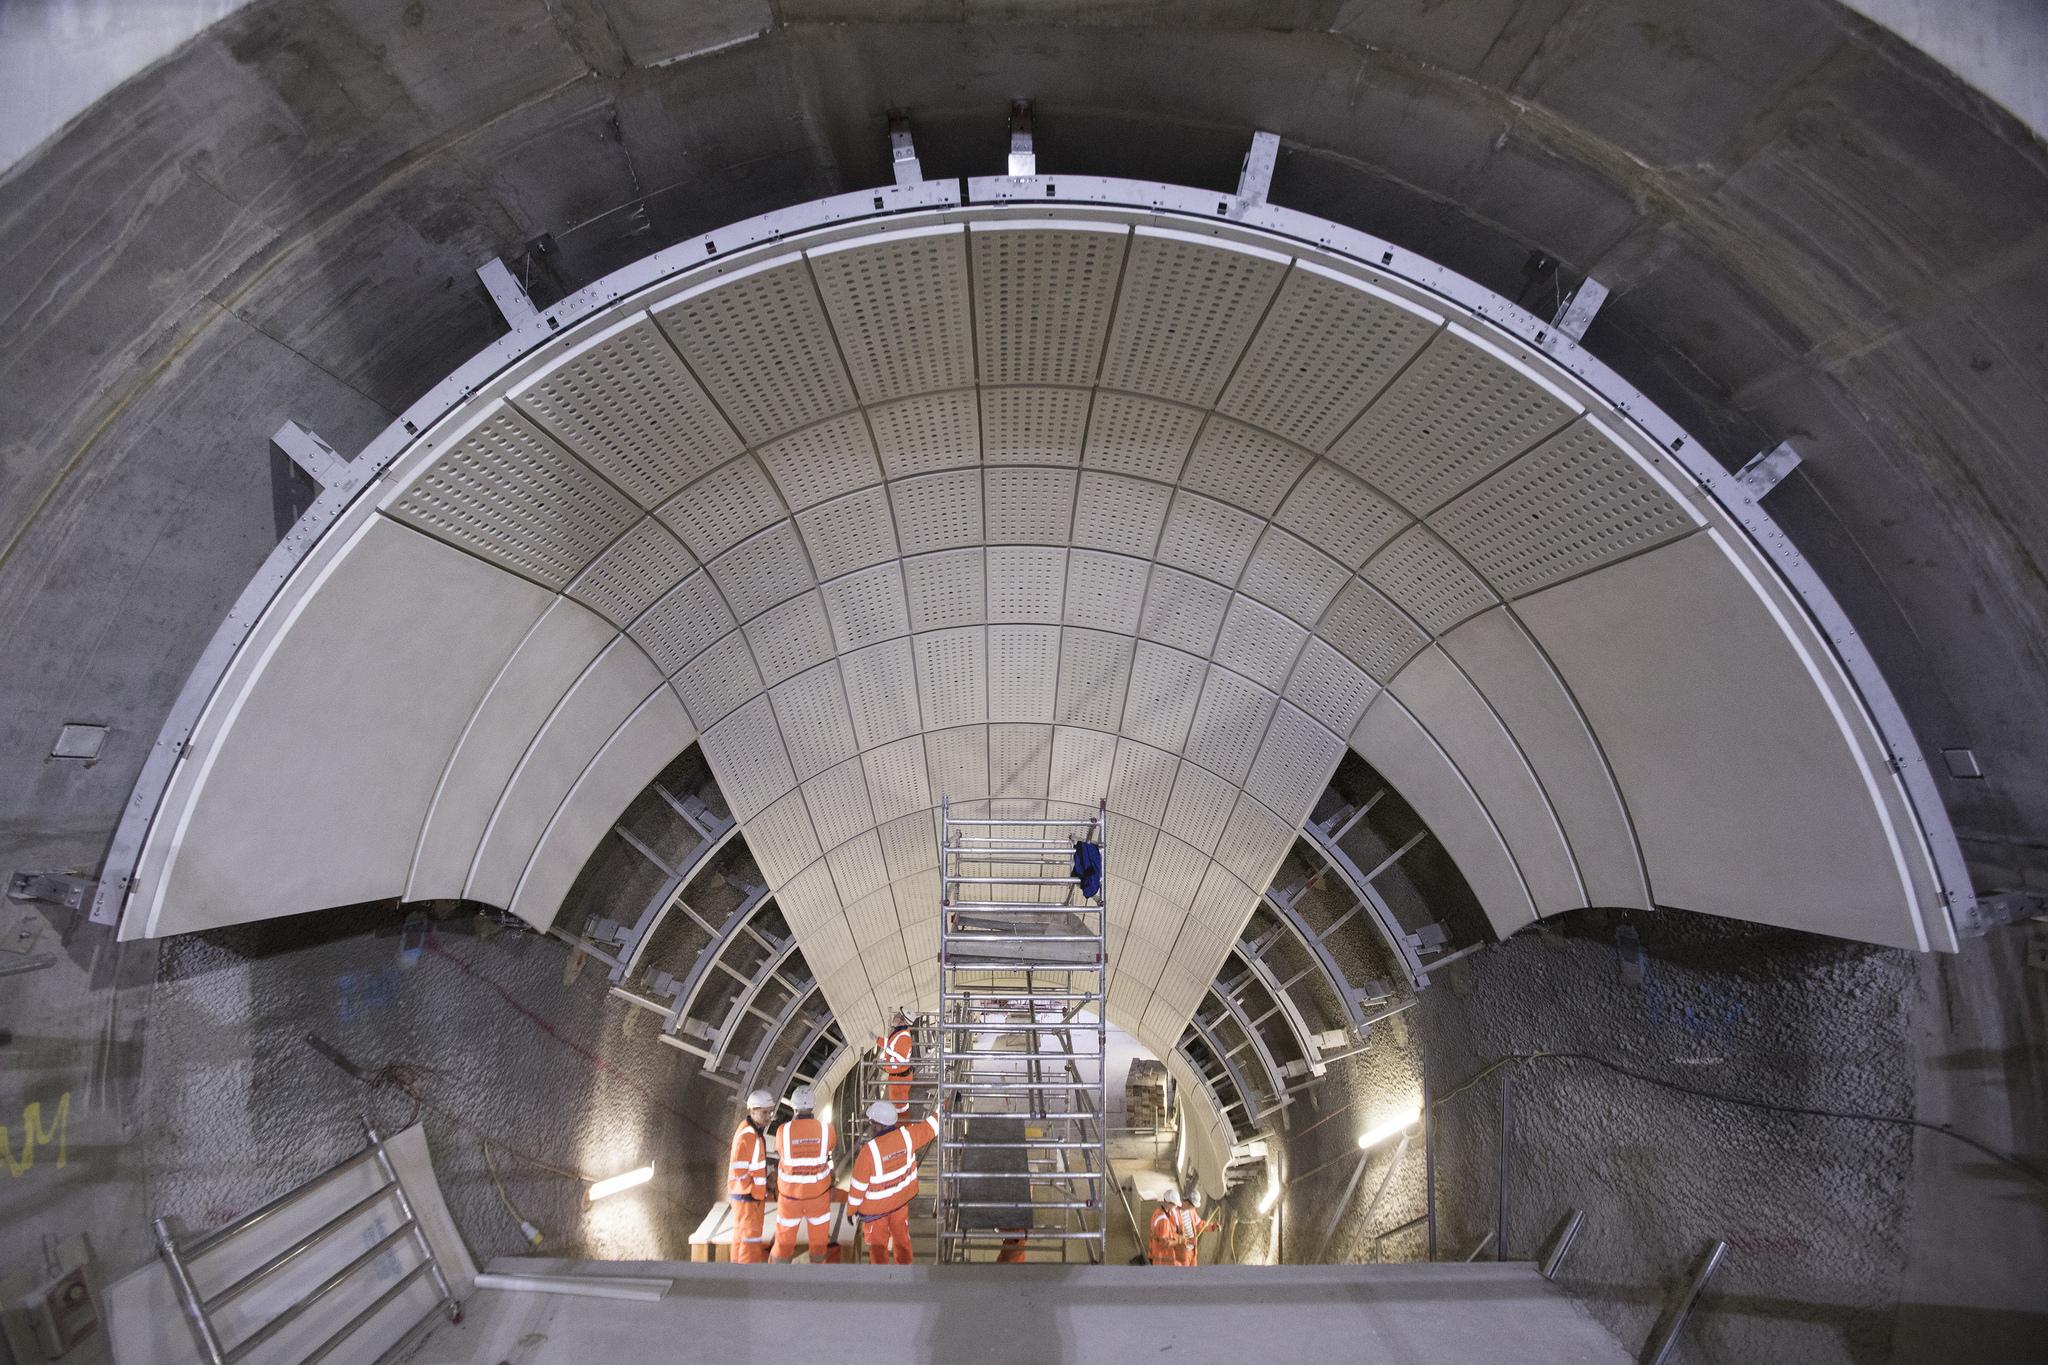 Fot. 2. Stacja Bond Street - panele z betonu zbrojonego włóknem szklanym, podstawa schodów ruchomych. Fotografia pobrana ze strony http://www.crossrail.co.uk/.